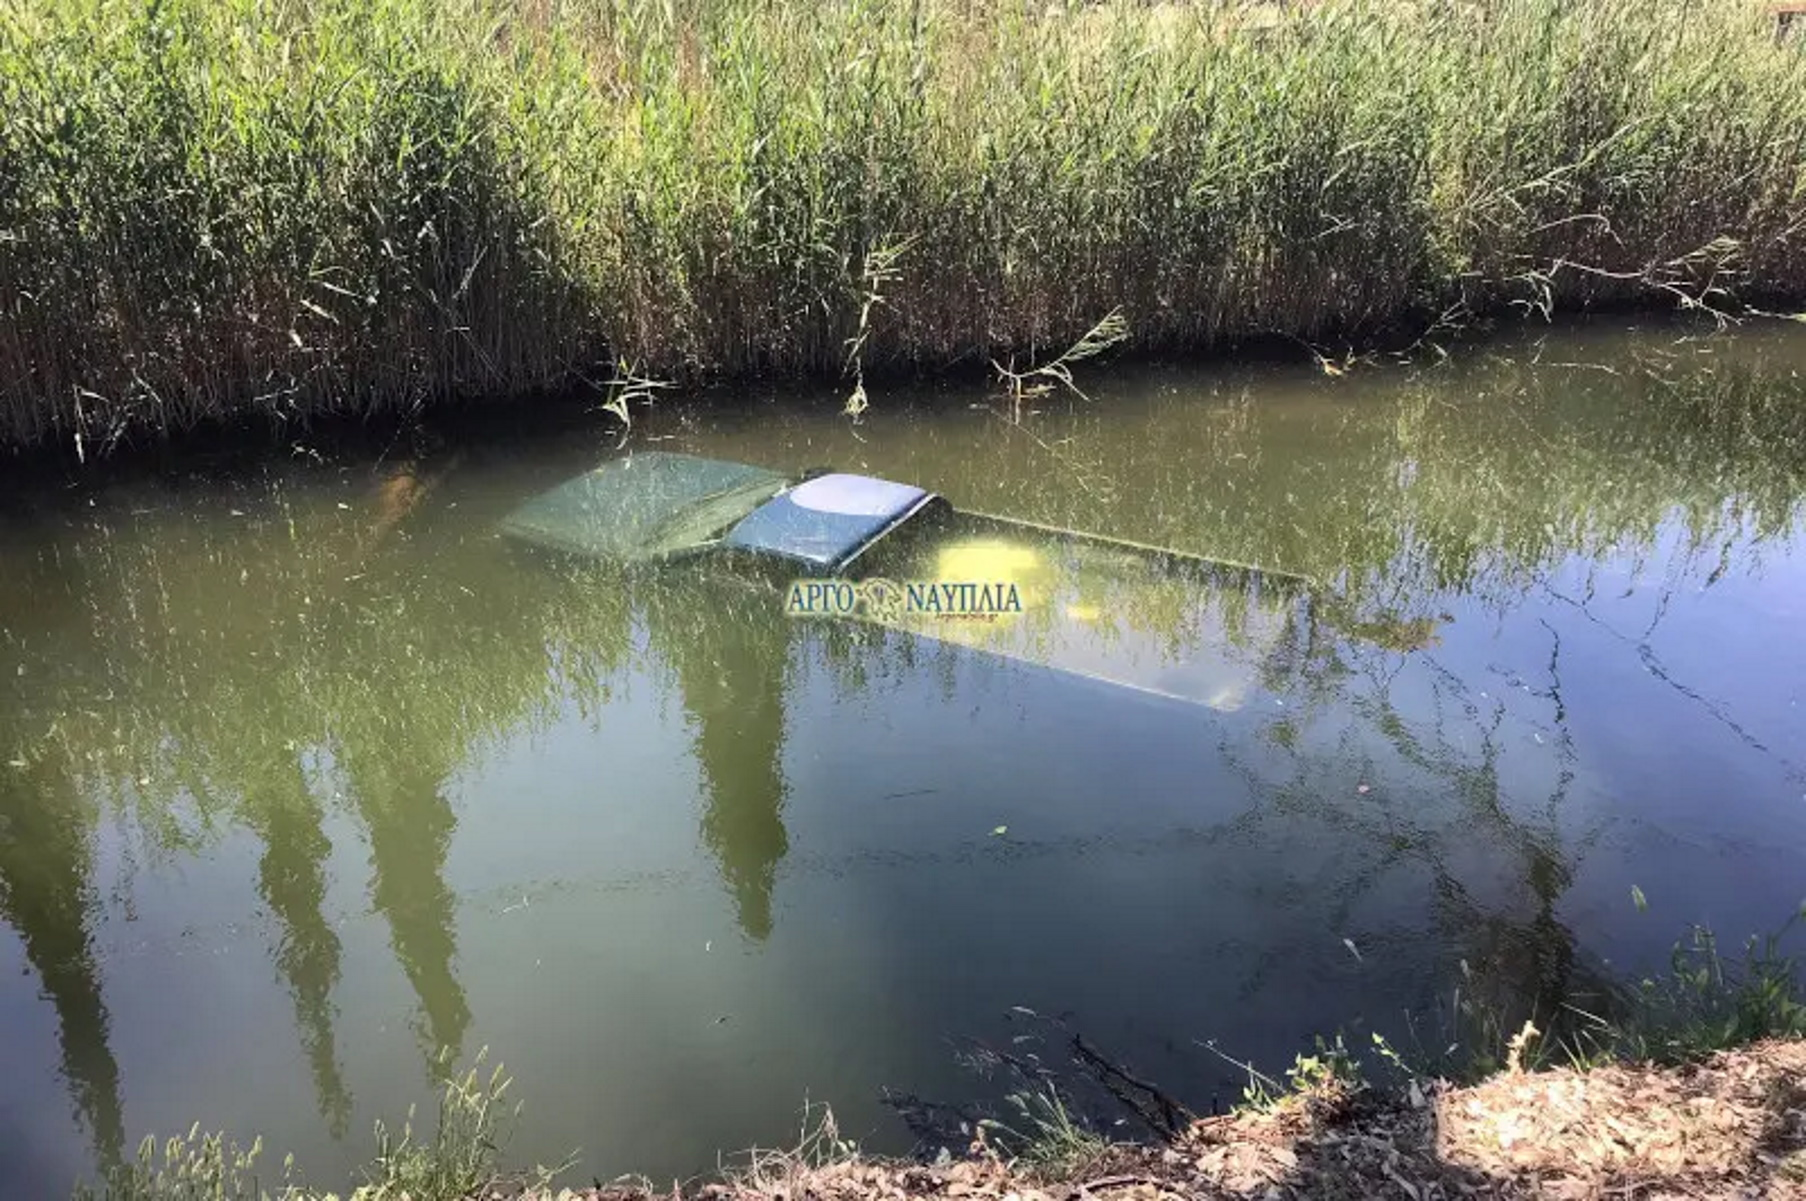 Άργος: Πέταξαν στο ποτάμι το κλεμμένο αγροτικό μετά από κλοπές σε καταστήματα (pics)